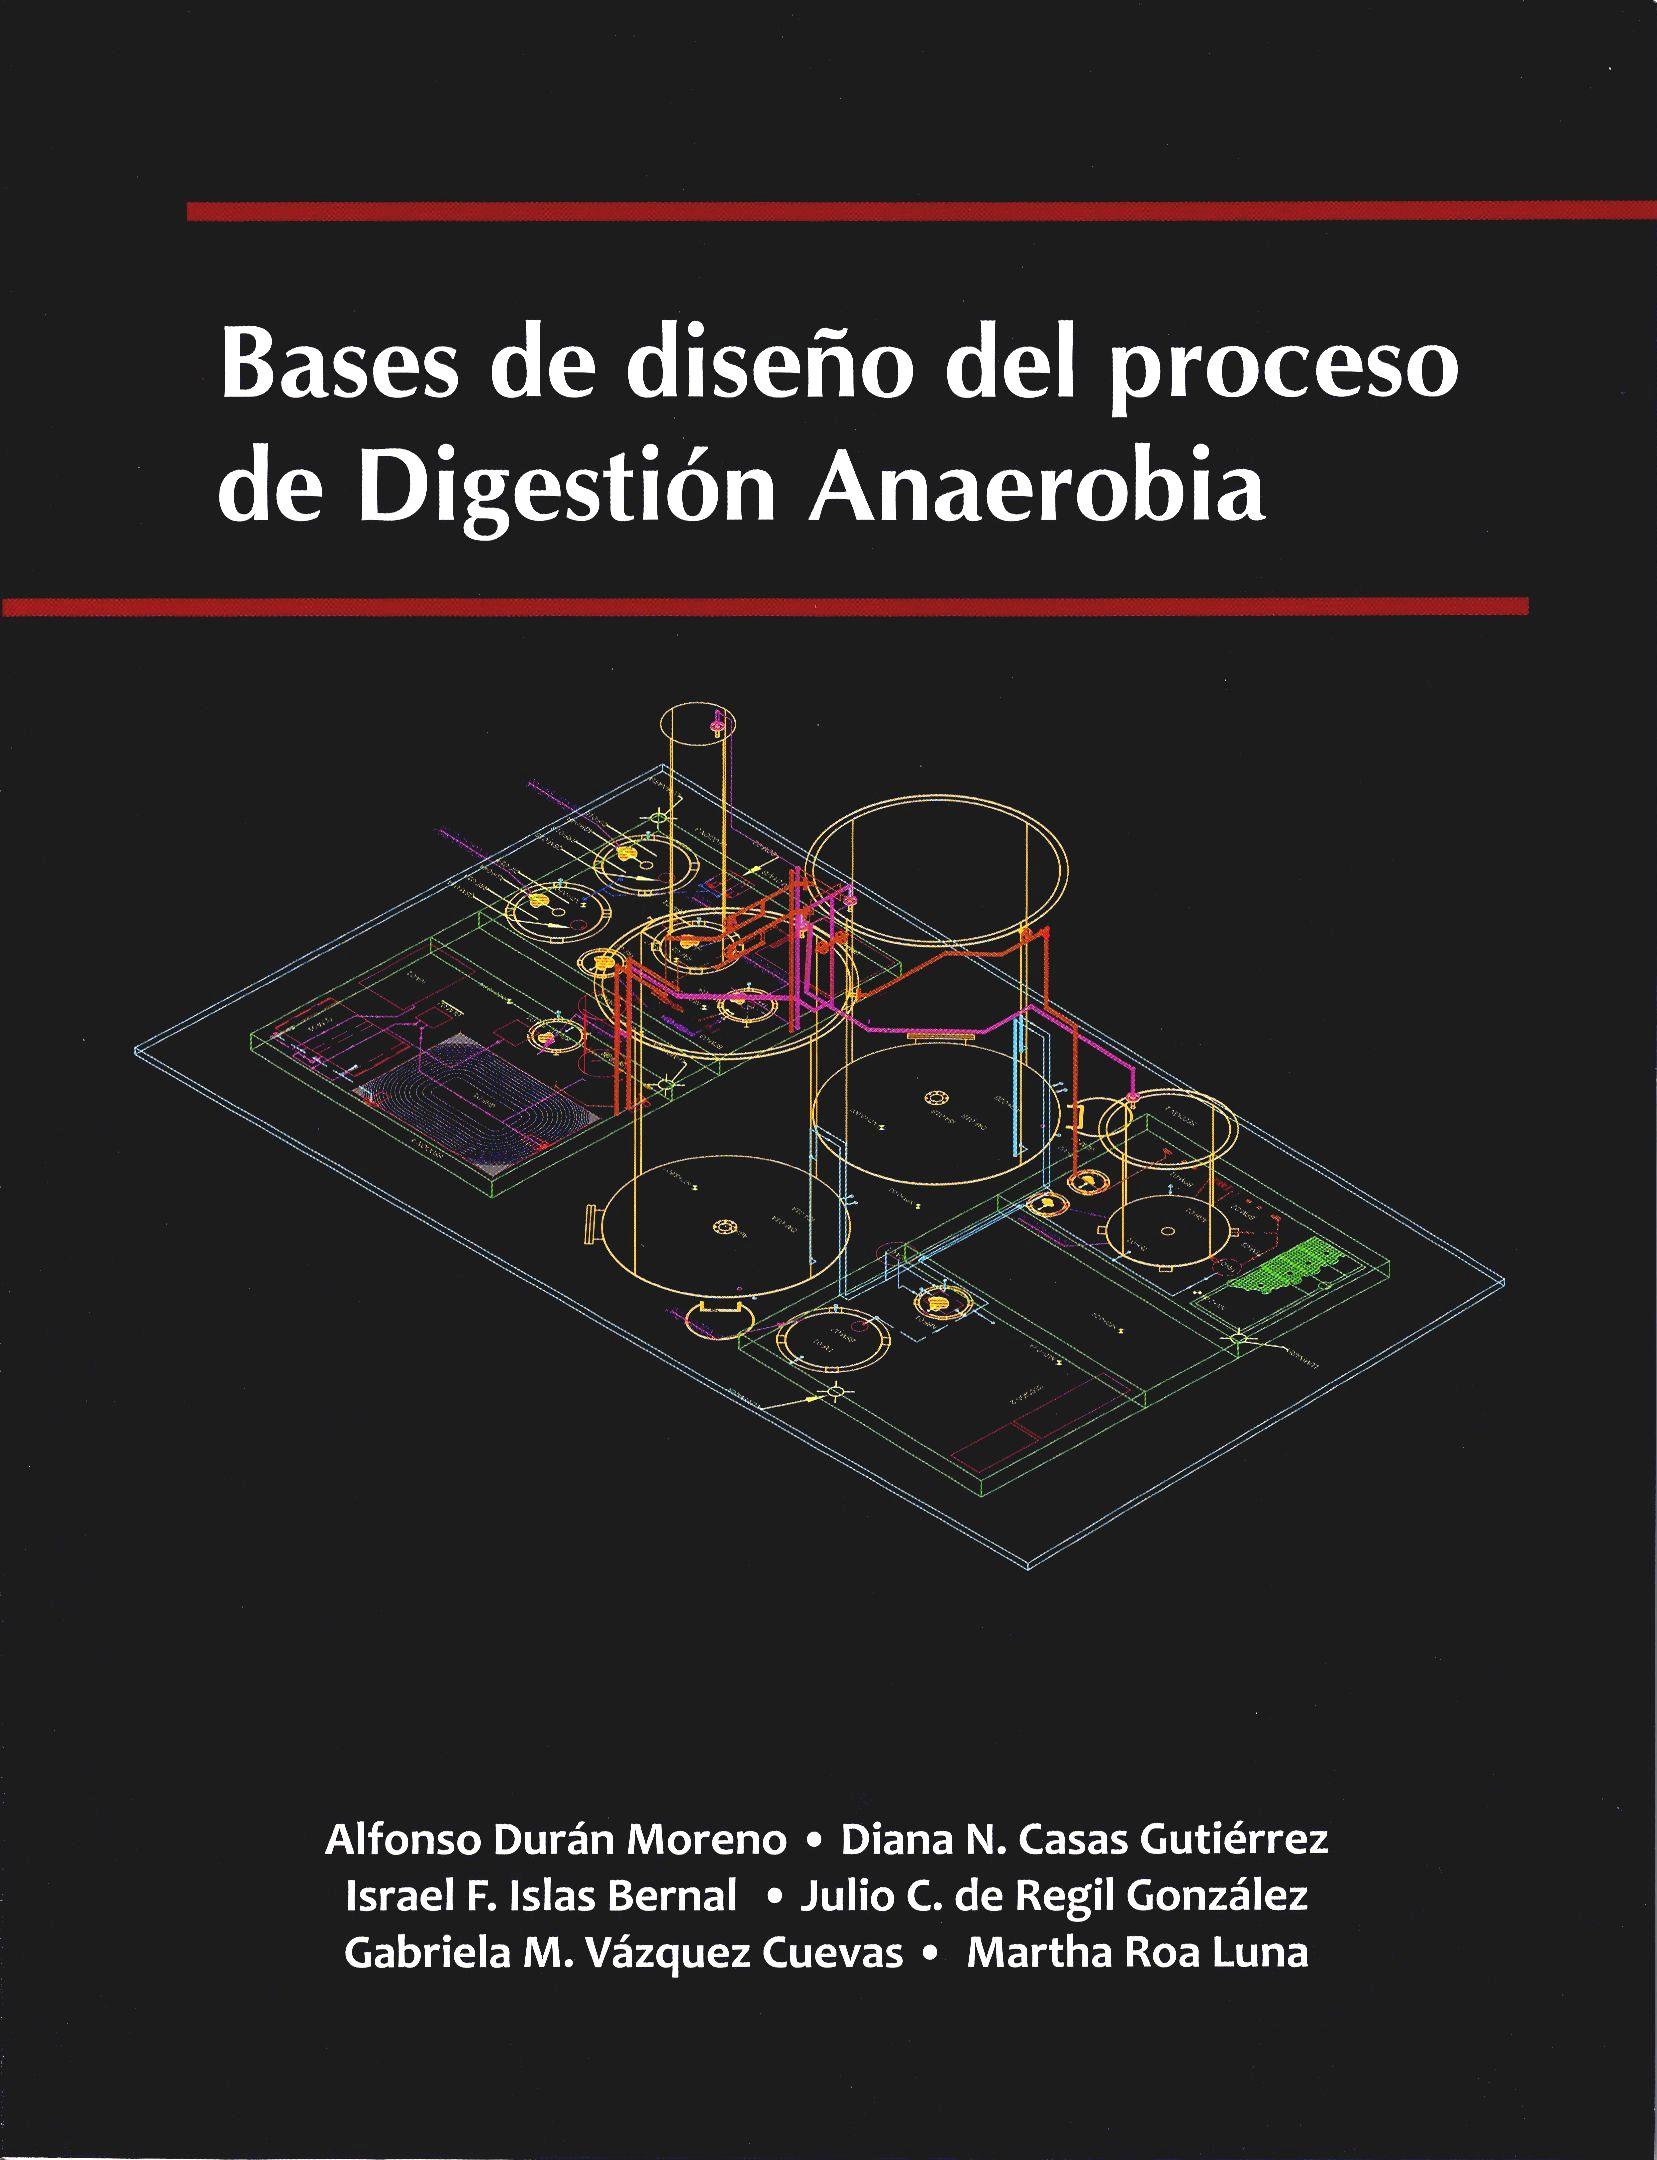 Bases de diseño del proceso de digestión anaerobia